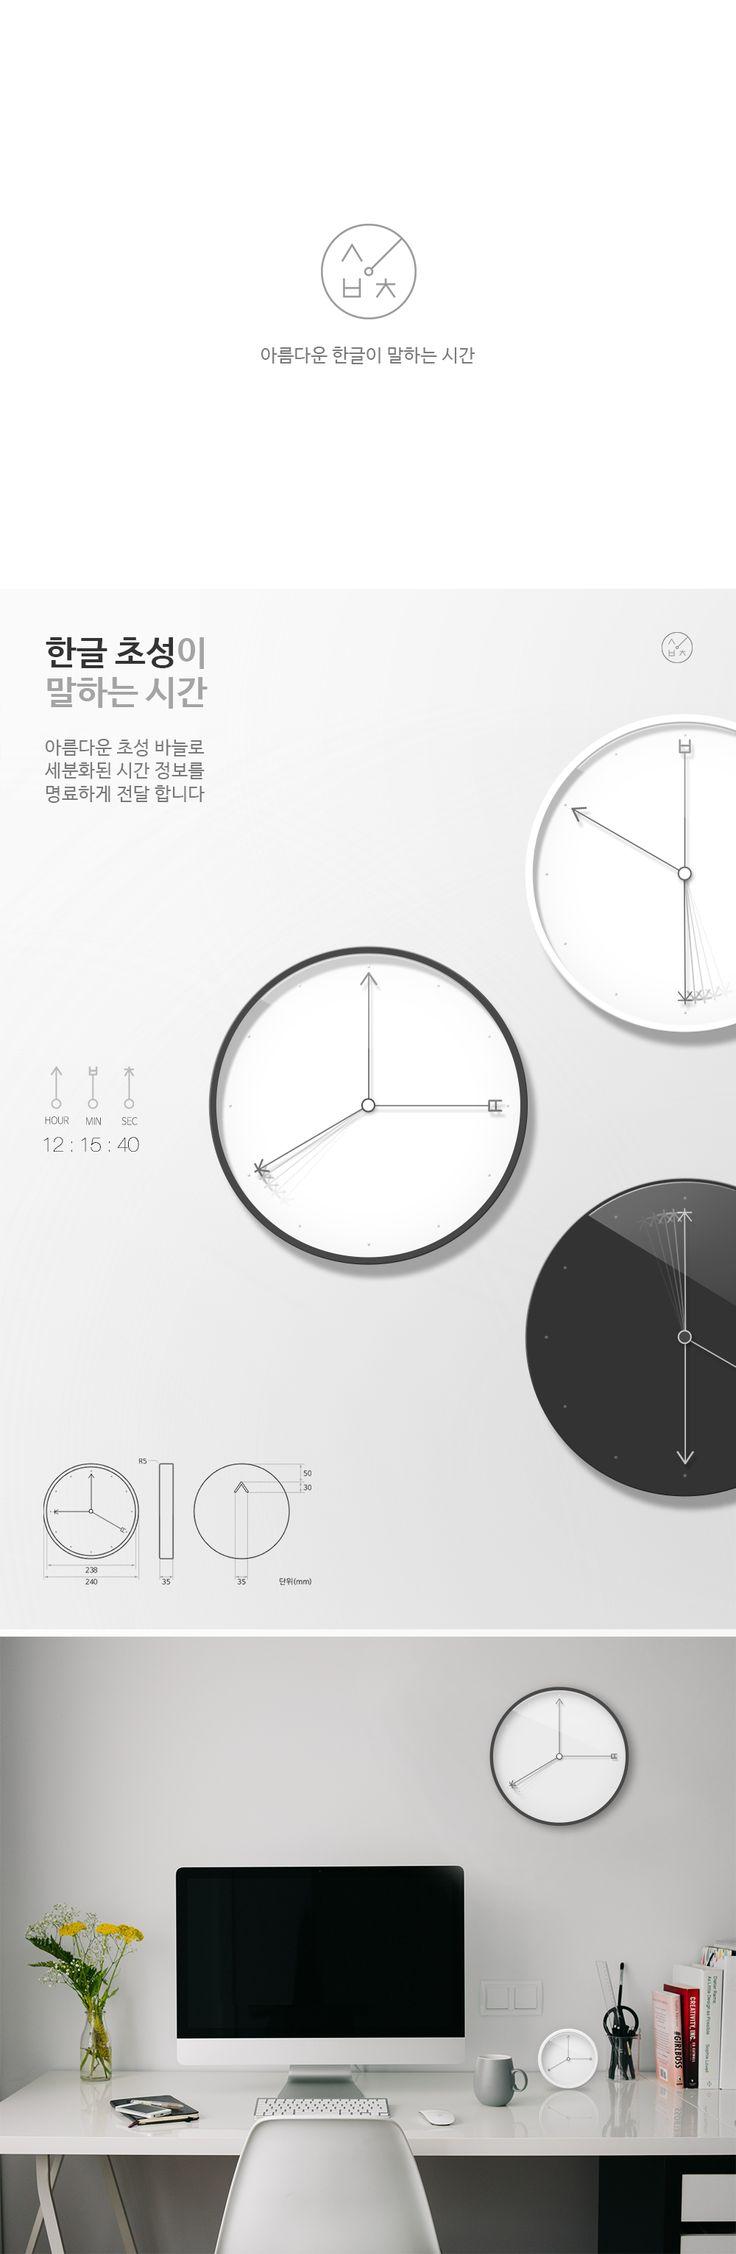 한글 디자인. 초성을 활용한 시계제안